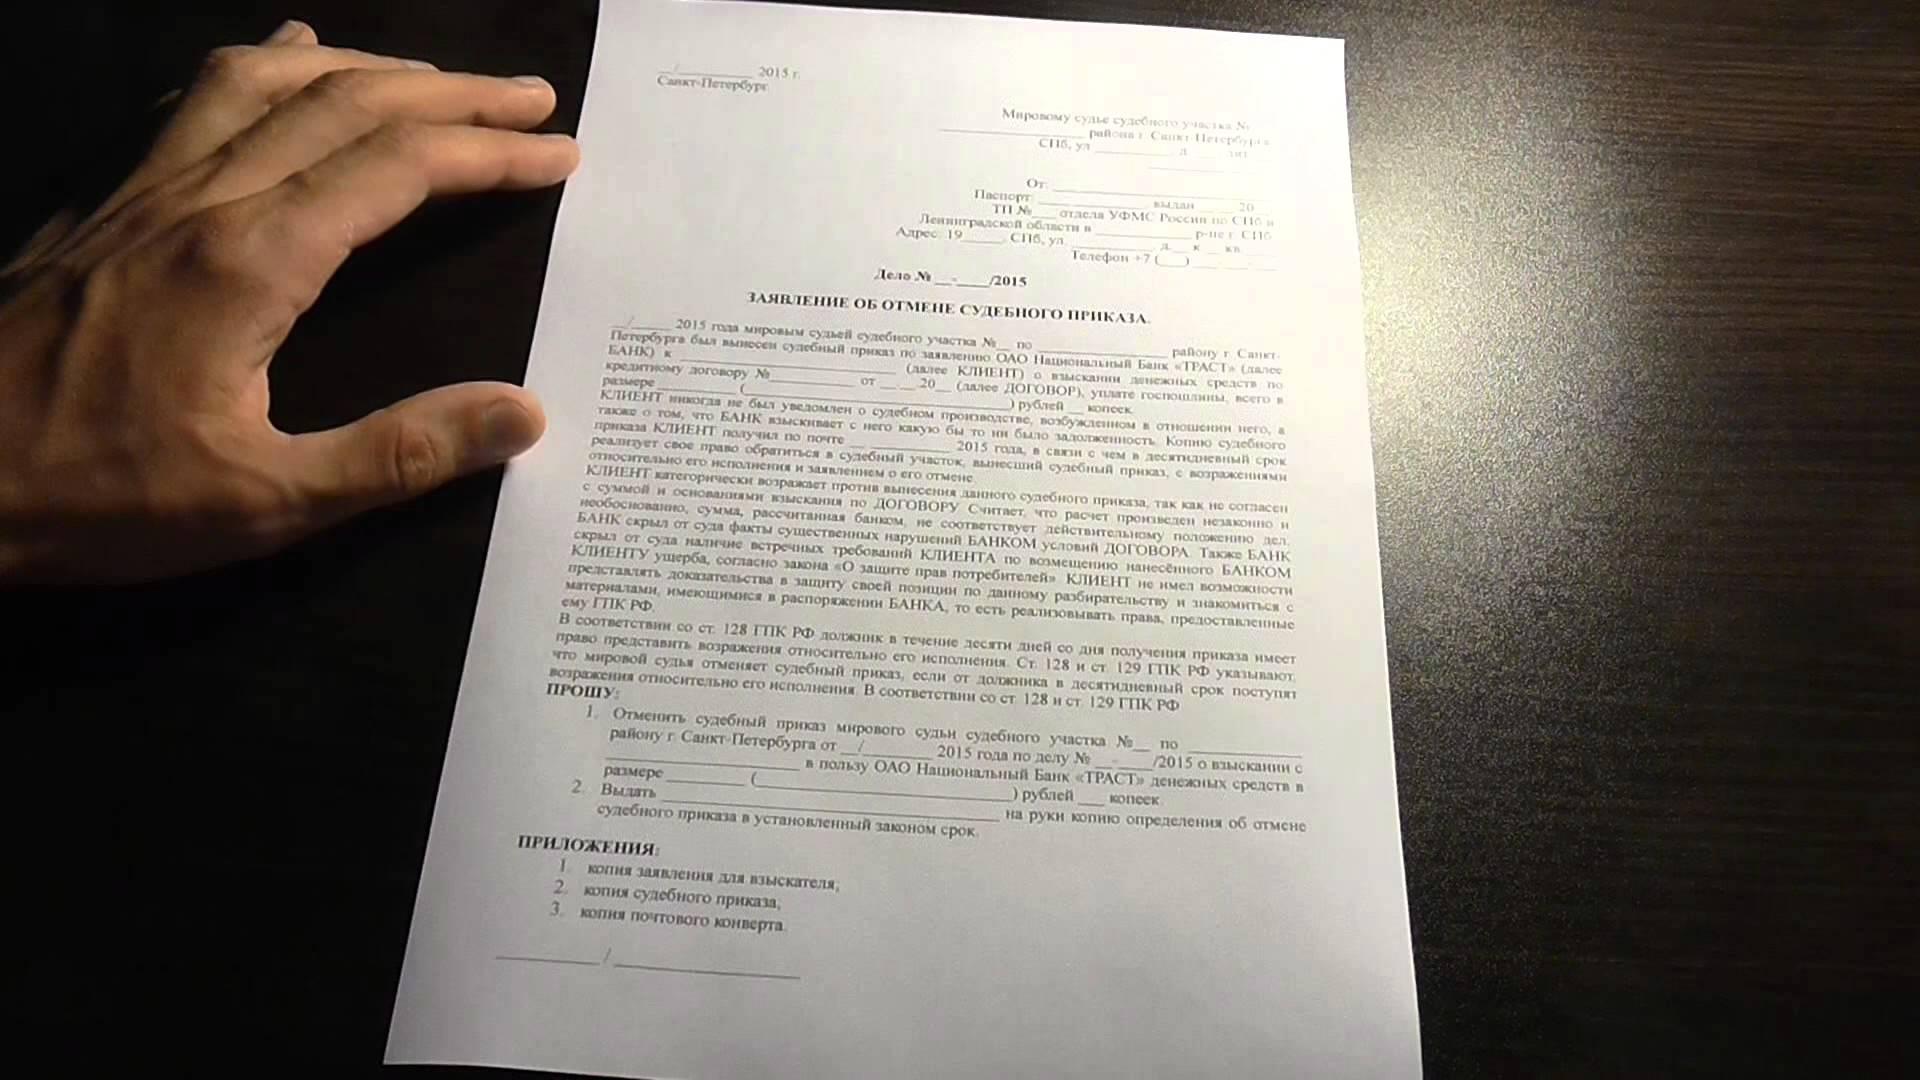 Пример заявление должника об отмене судебного приказа